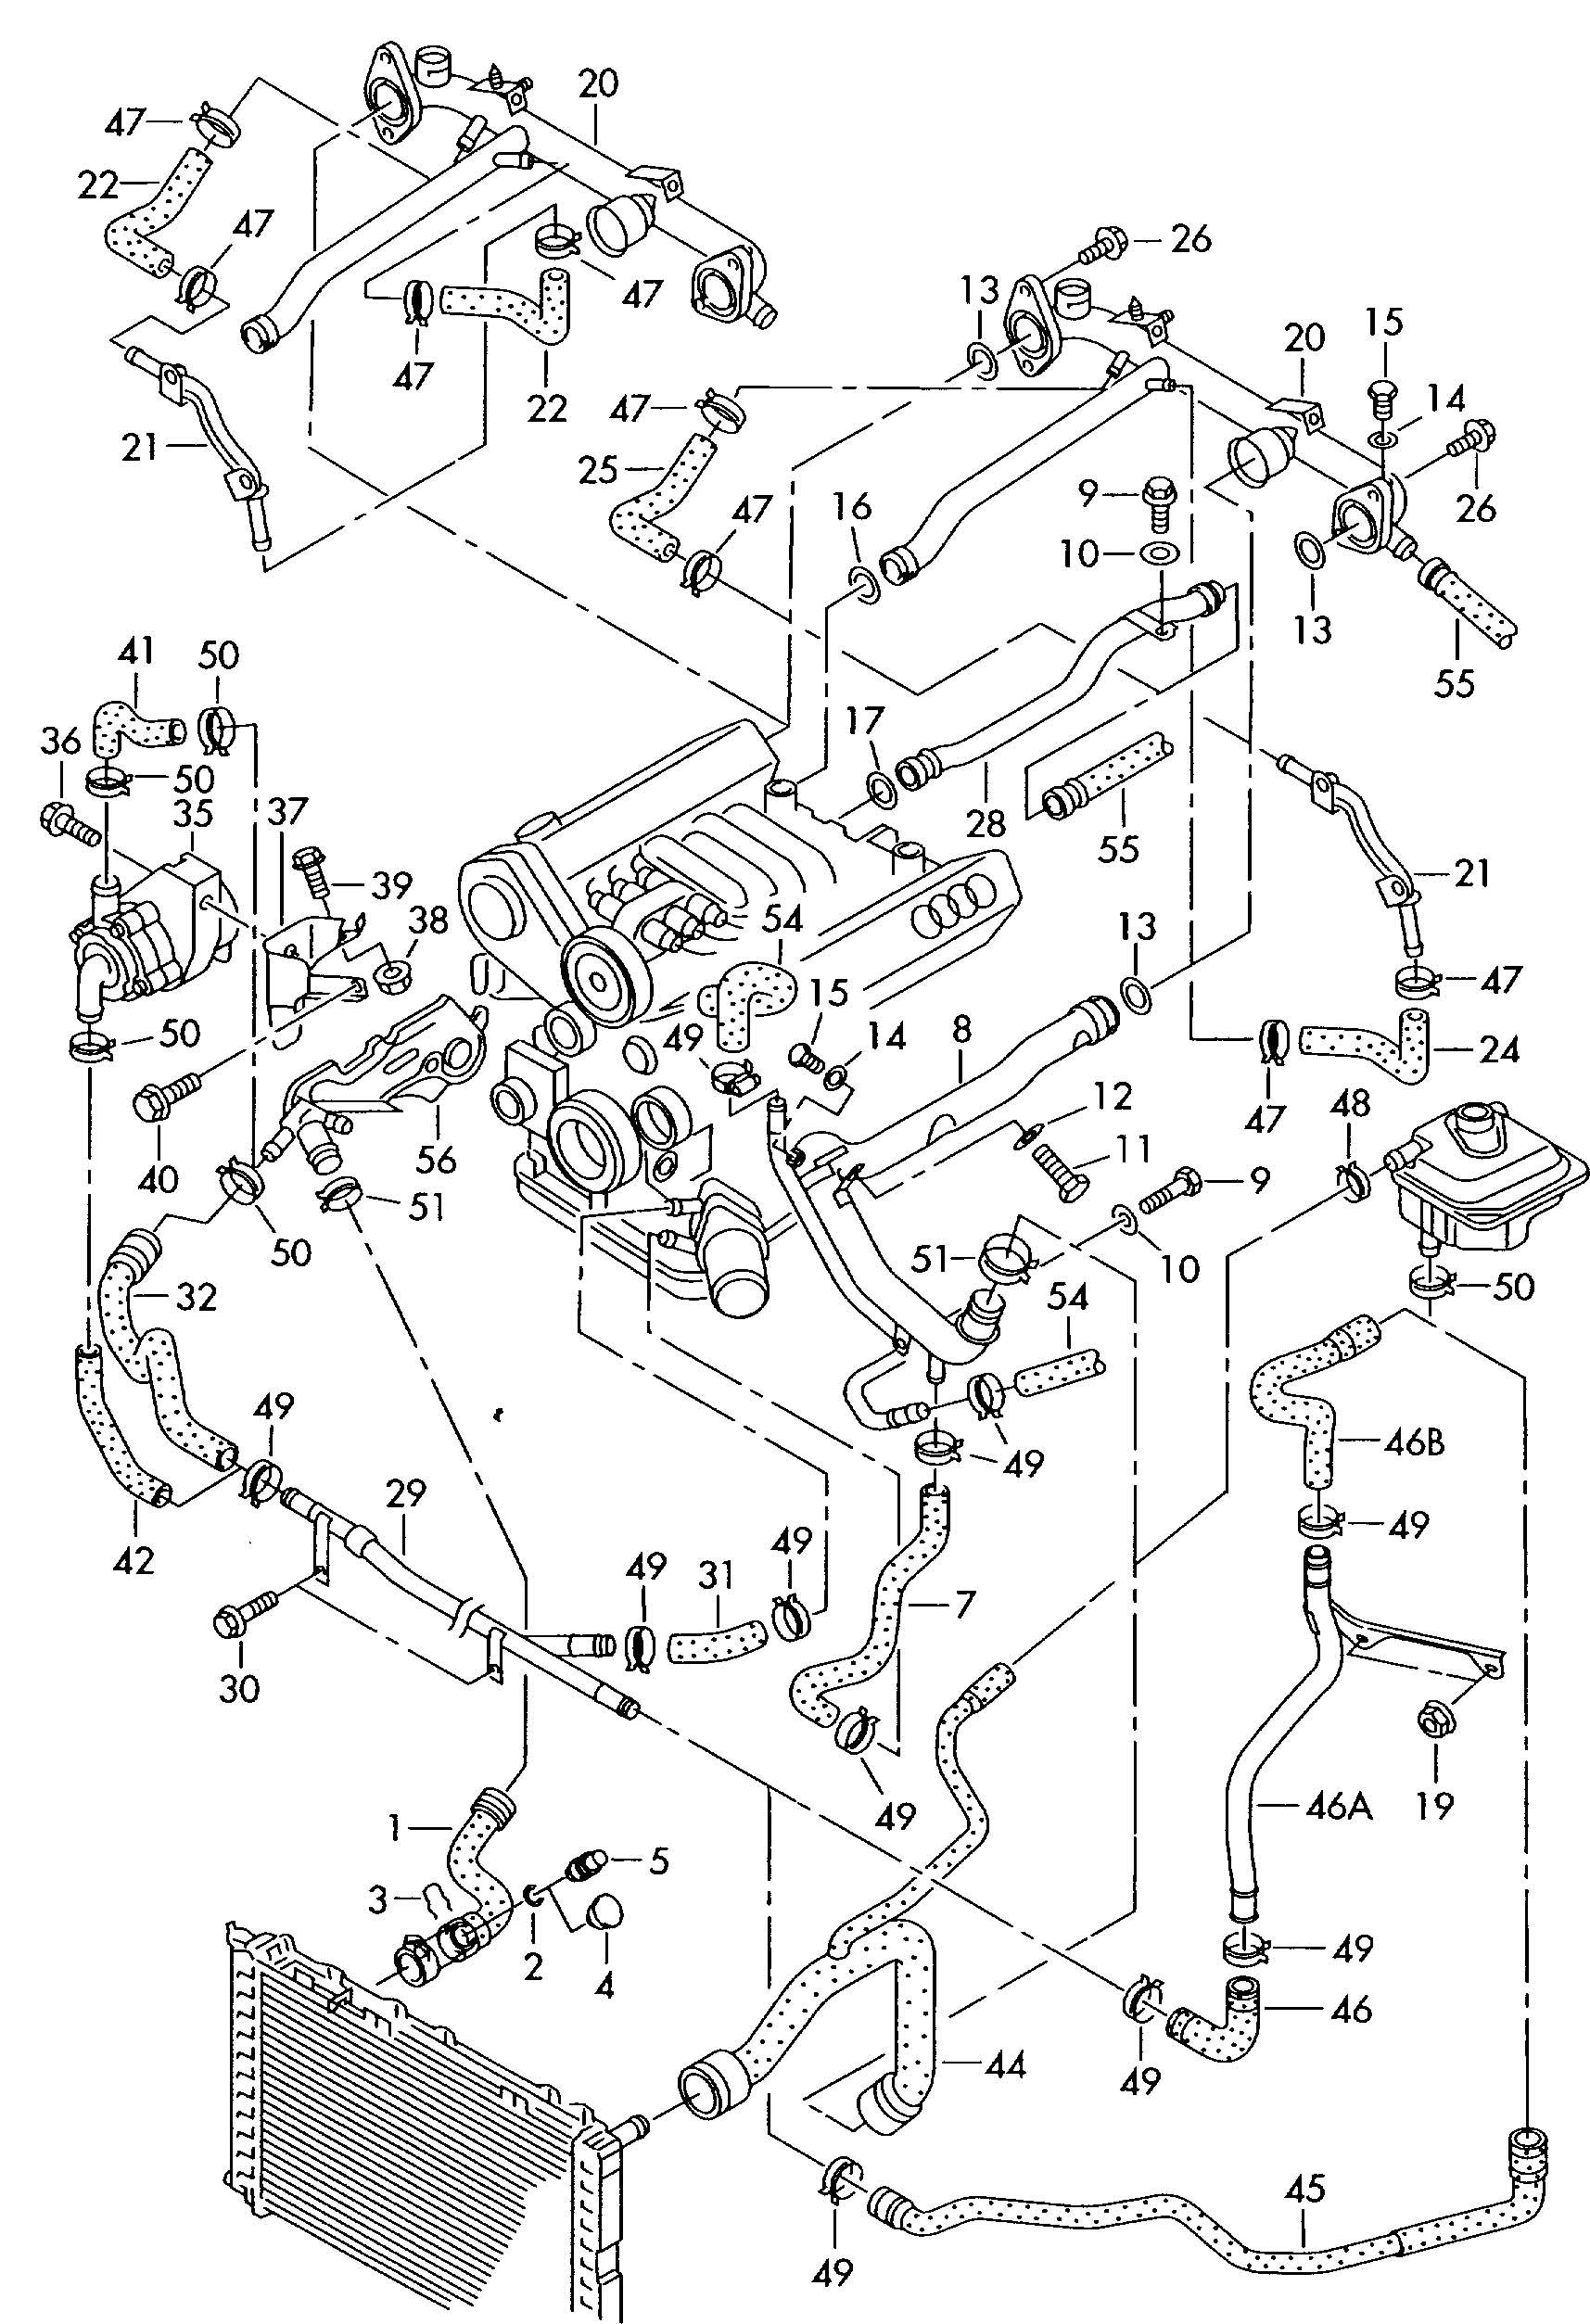 12 Volt Hot Water Circulating Pumps